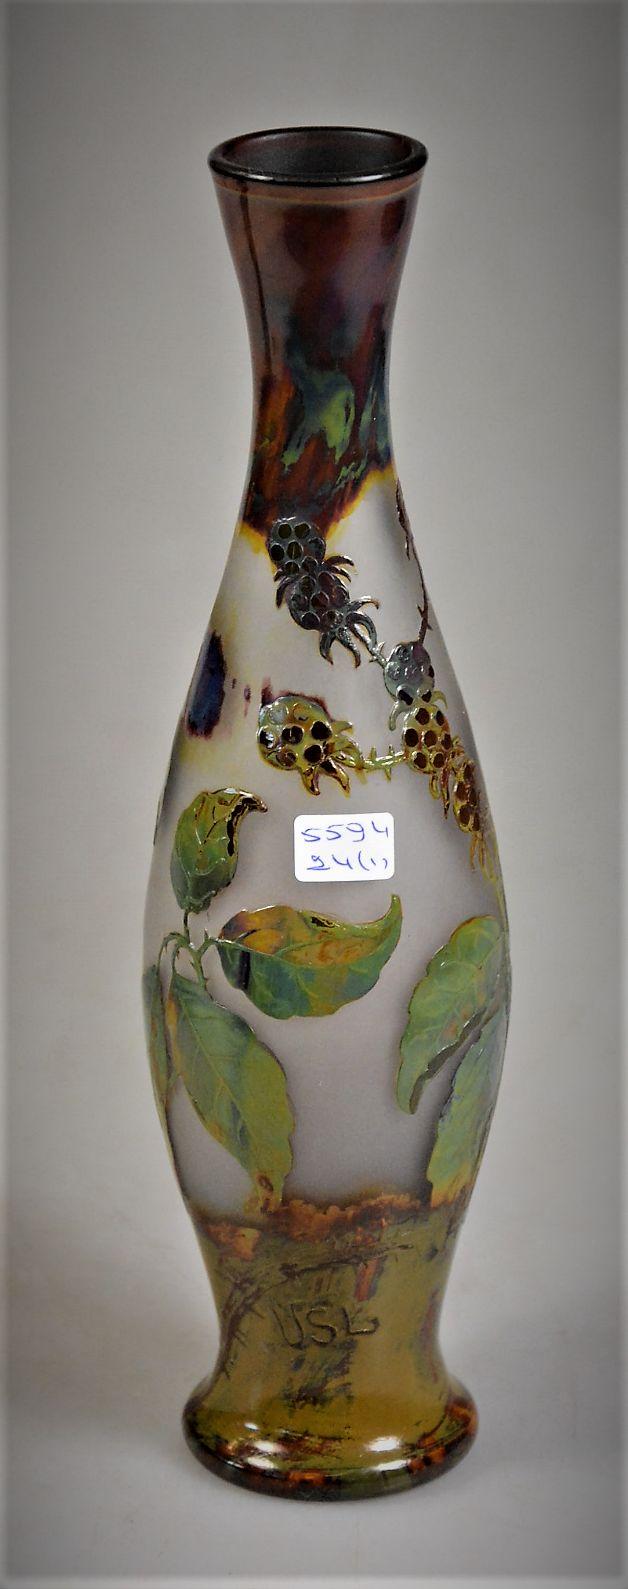 Val Saint-Lambert vase en verre incolore doublé aux émaux polychromes en multicouches, soufflé et dégagé à l'acide (fluogravure) - Muller Frères pour VSL après un design de Léon Ledru, decor 'Ronces' - vers 1906-1907 - H 25 cm